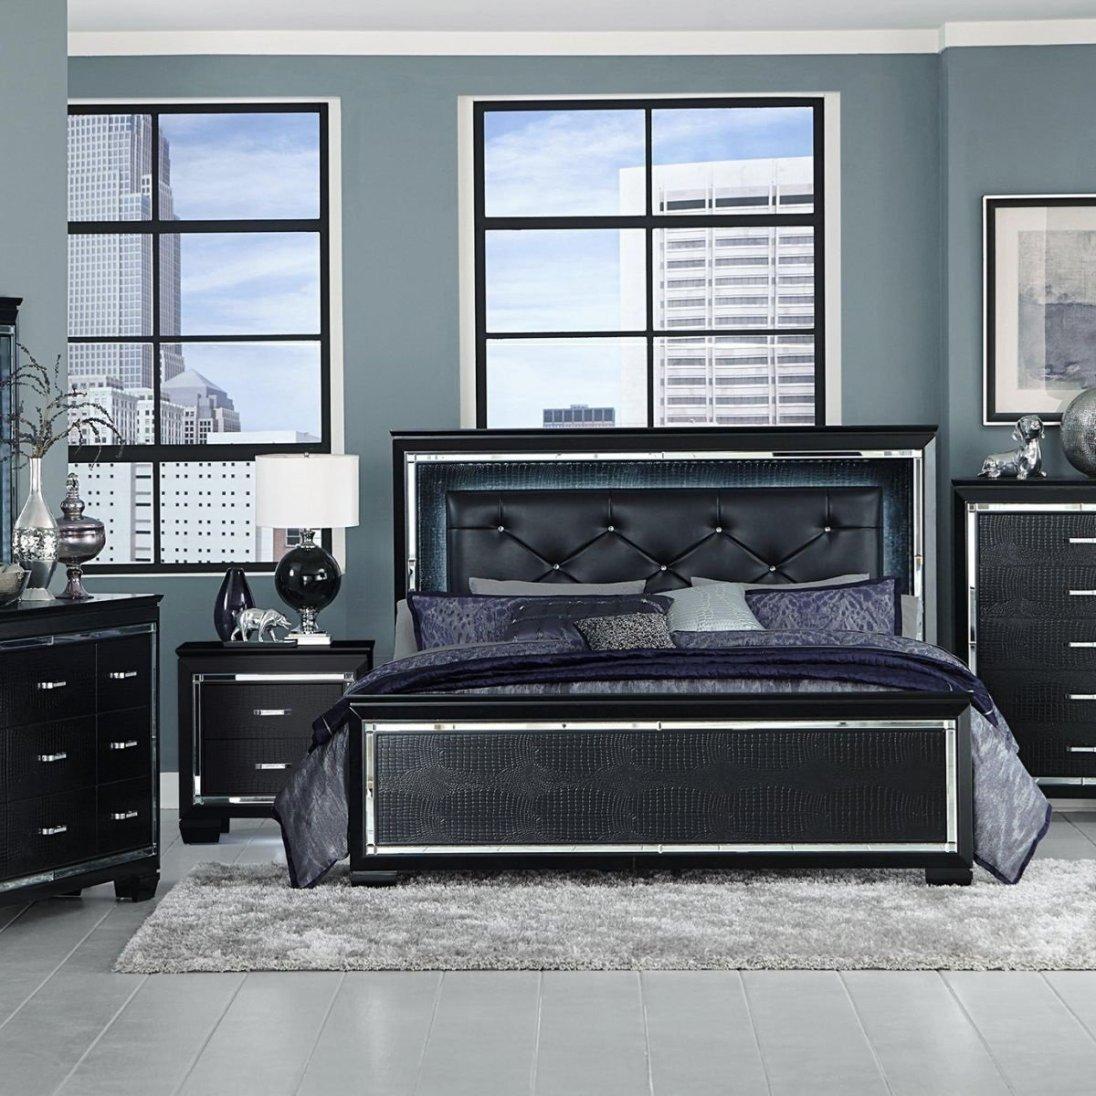 Paul Bunyan Bedroom Set Luxury Queen Bedroom Sets – Bac Ojj